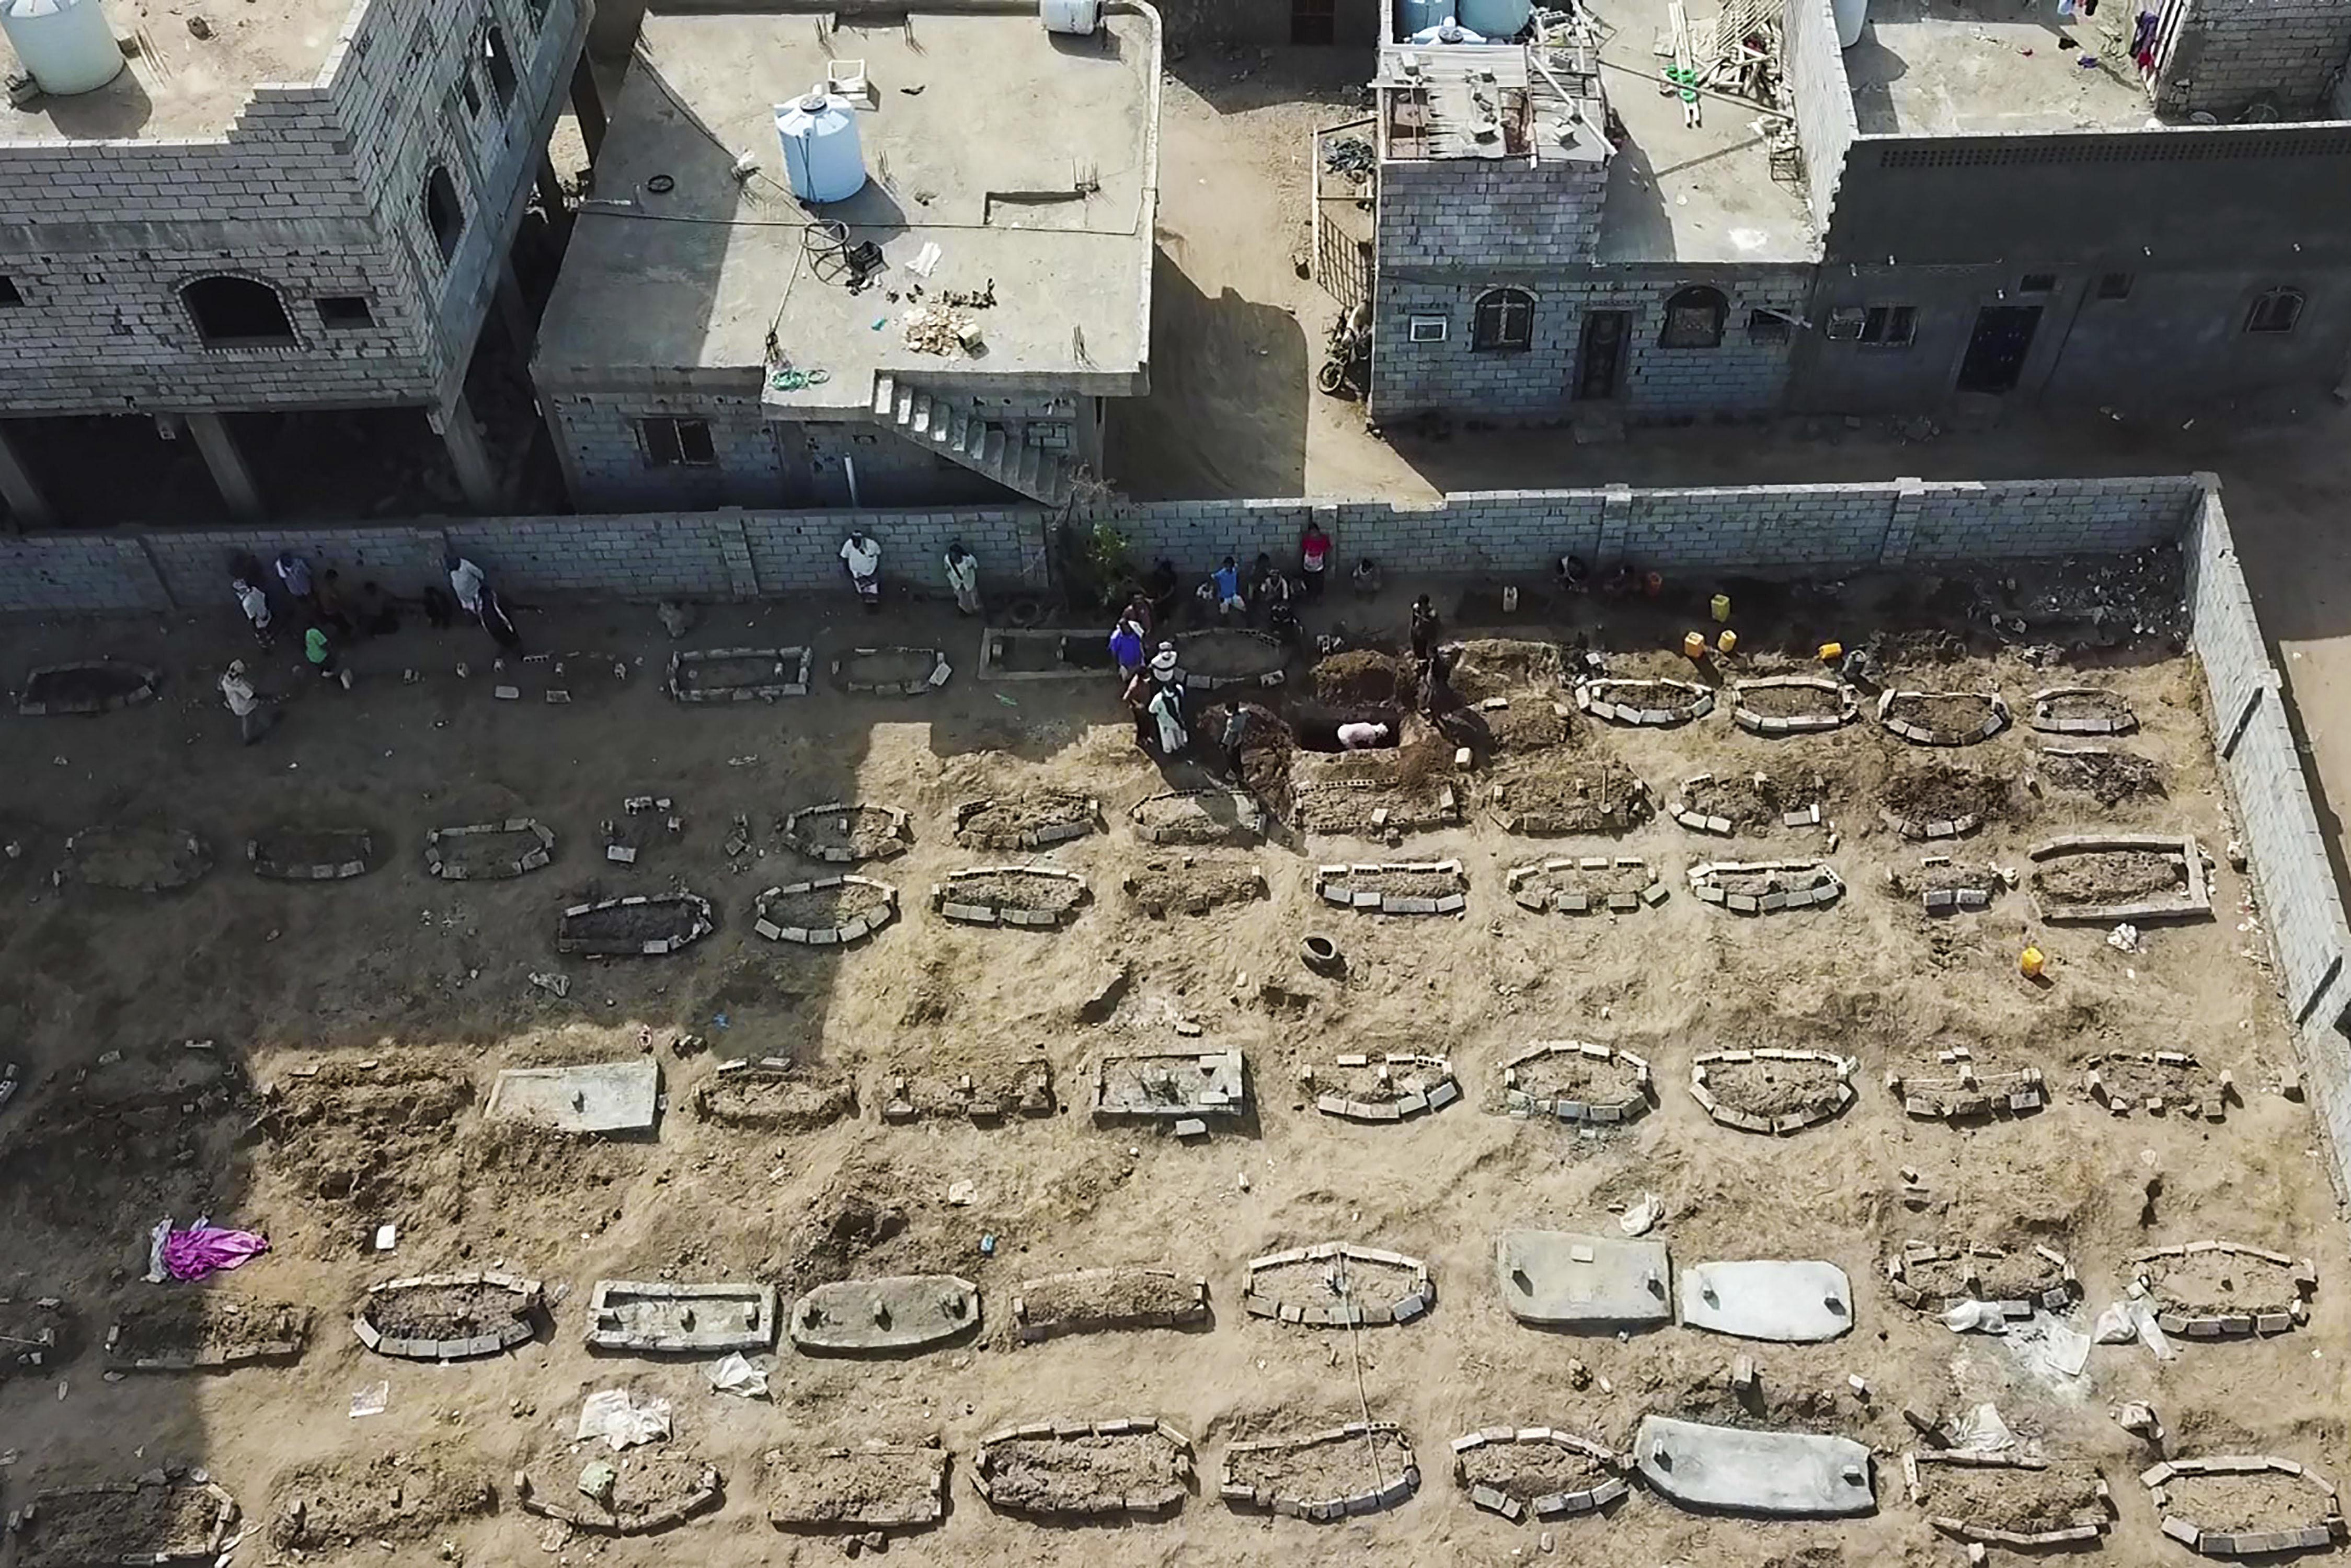 منظمة أطباء بلا حدود أفادت بتسجيل ارتفاع في الوفيات والإصابات الناجمة عن فيروس كورونا في عدن